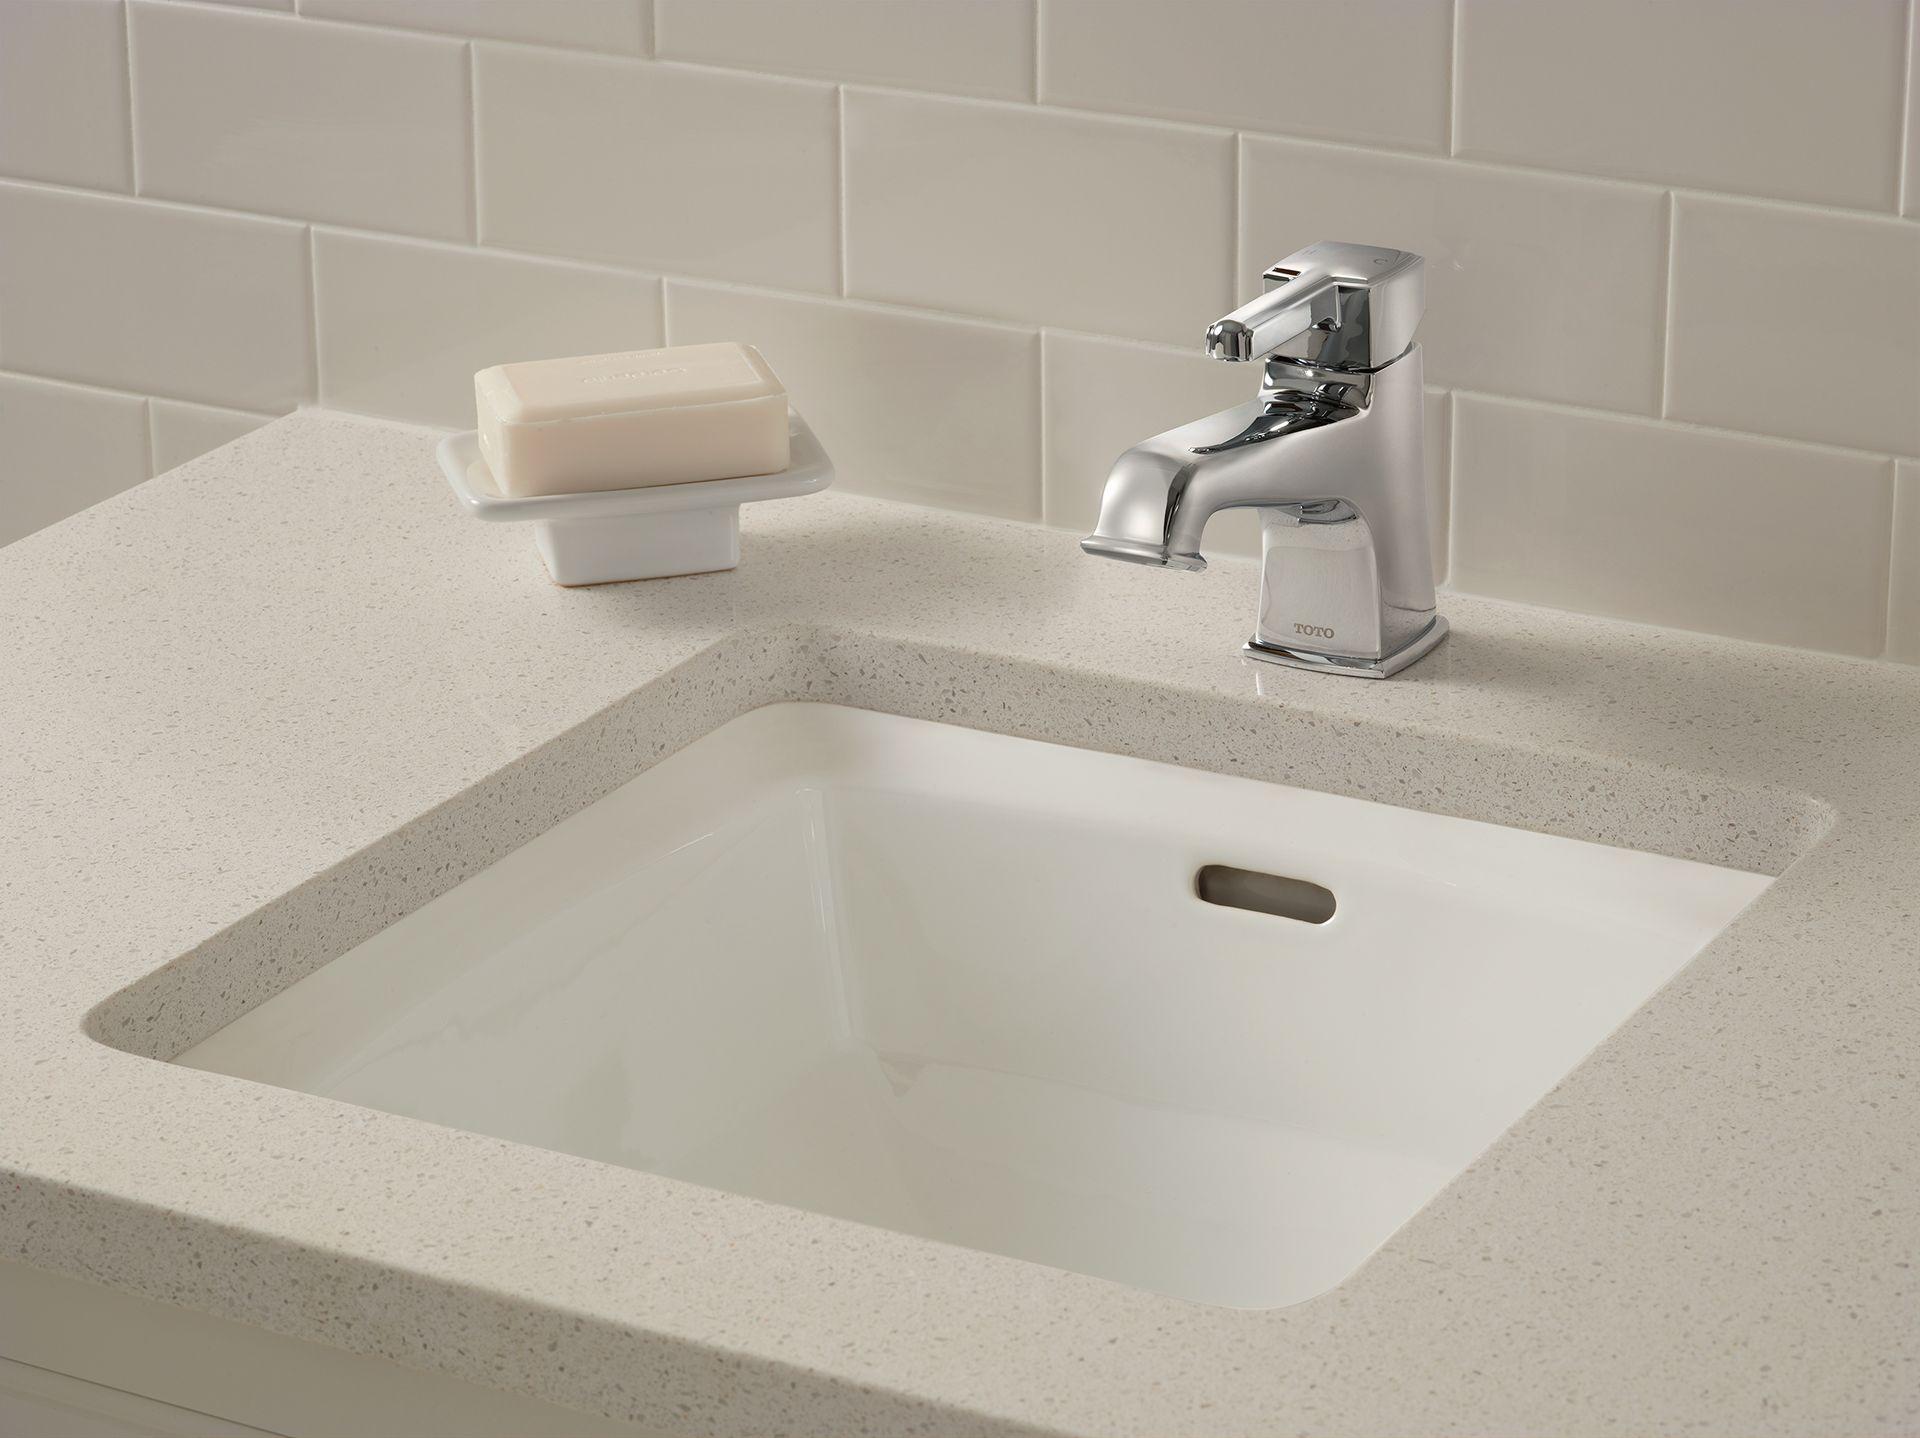 Connelly™ Single-Handle Lavatory Faucet - TotoUSA.com